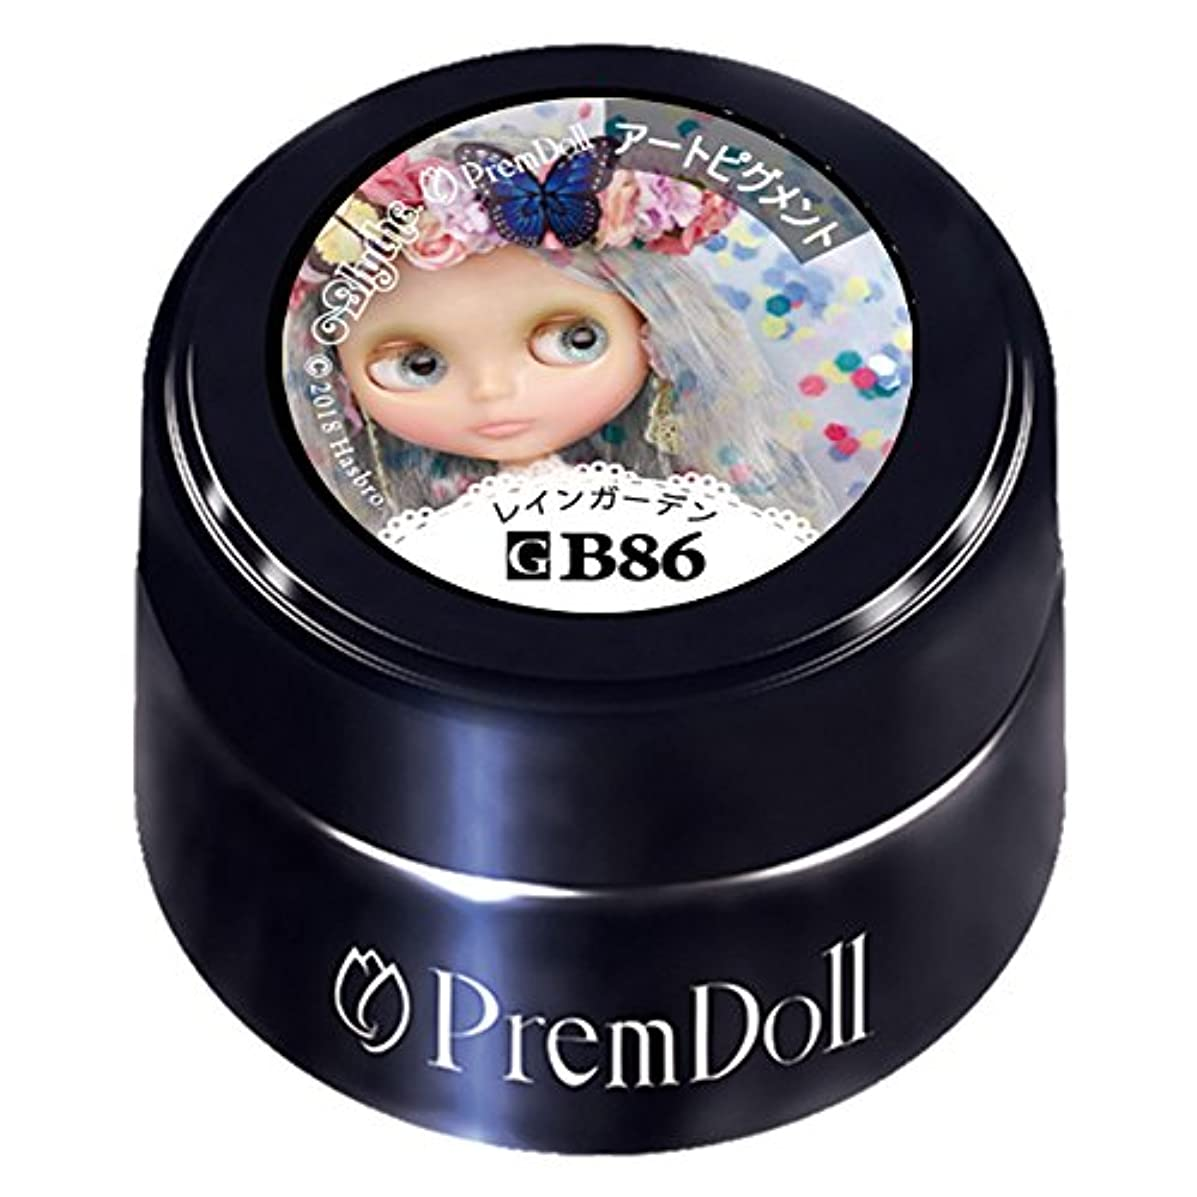 ビバ登録する収まるPRE GEL プリムドールレインガーデン86 DOLL-B86 UV/LED対応